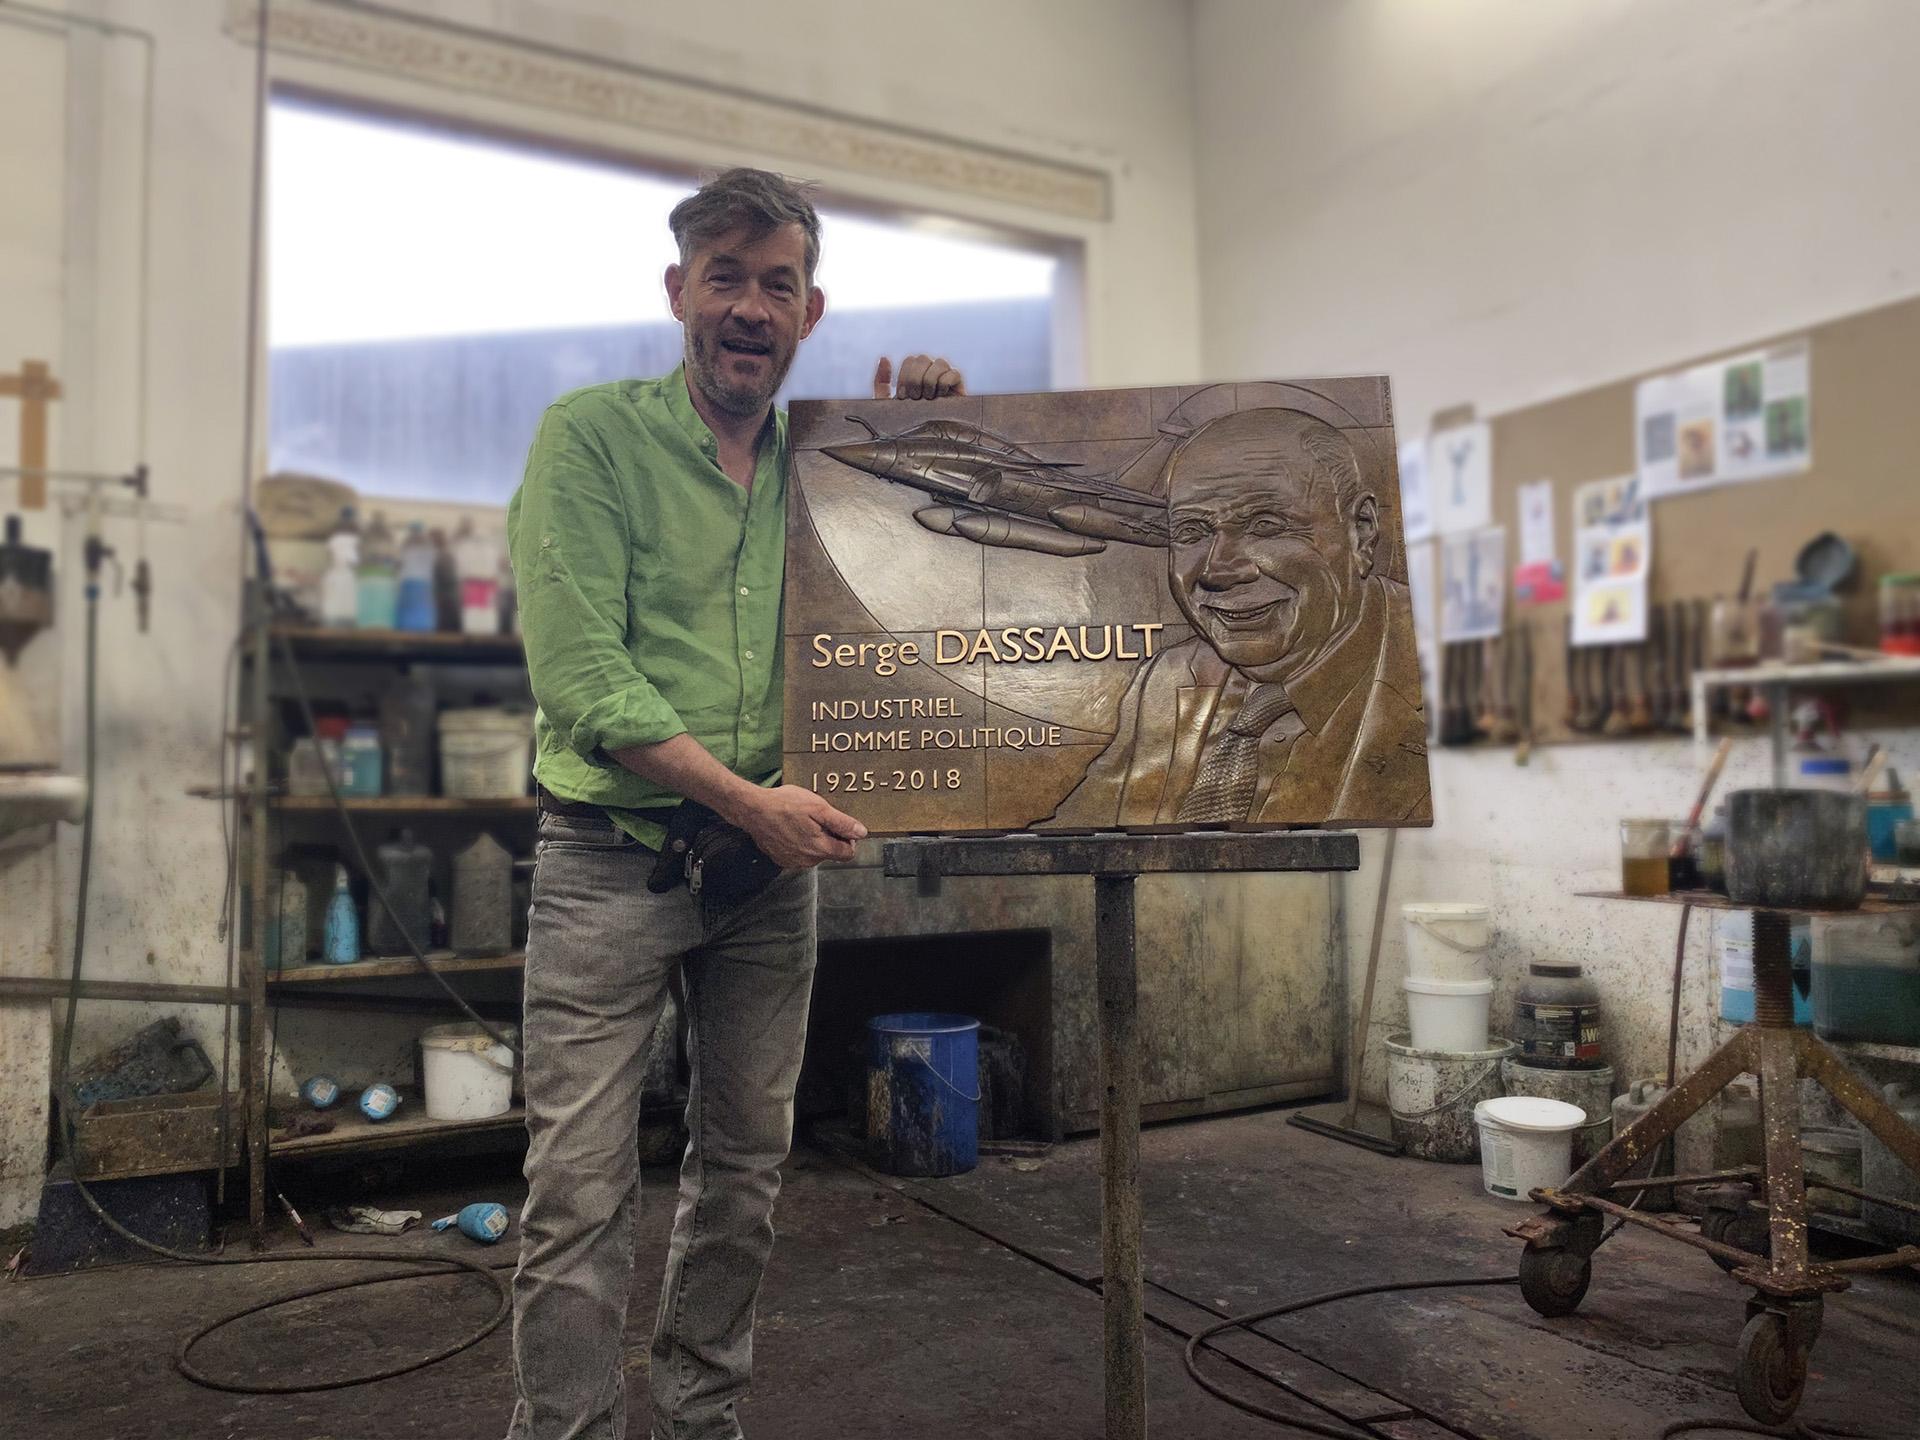 Création d'une plaque commémorative de Serge DASSAULT